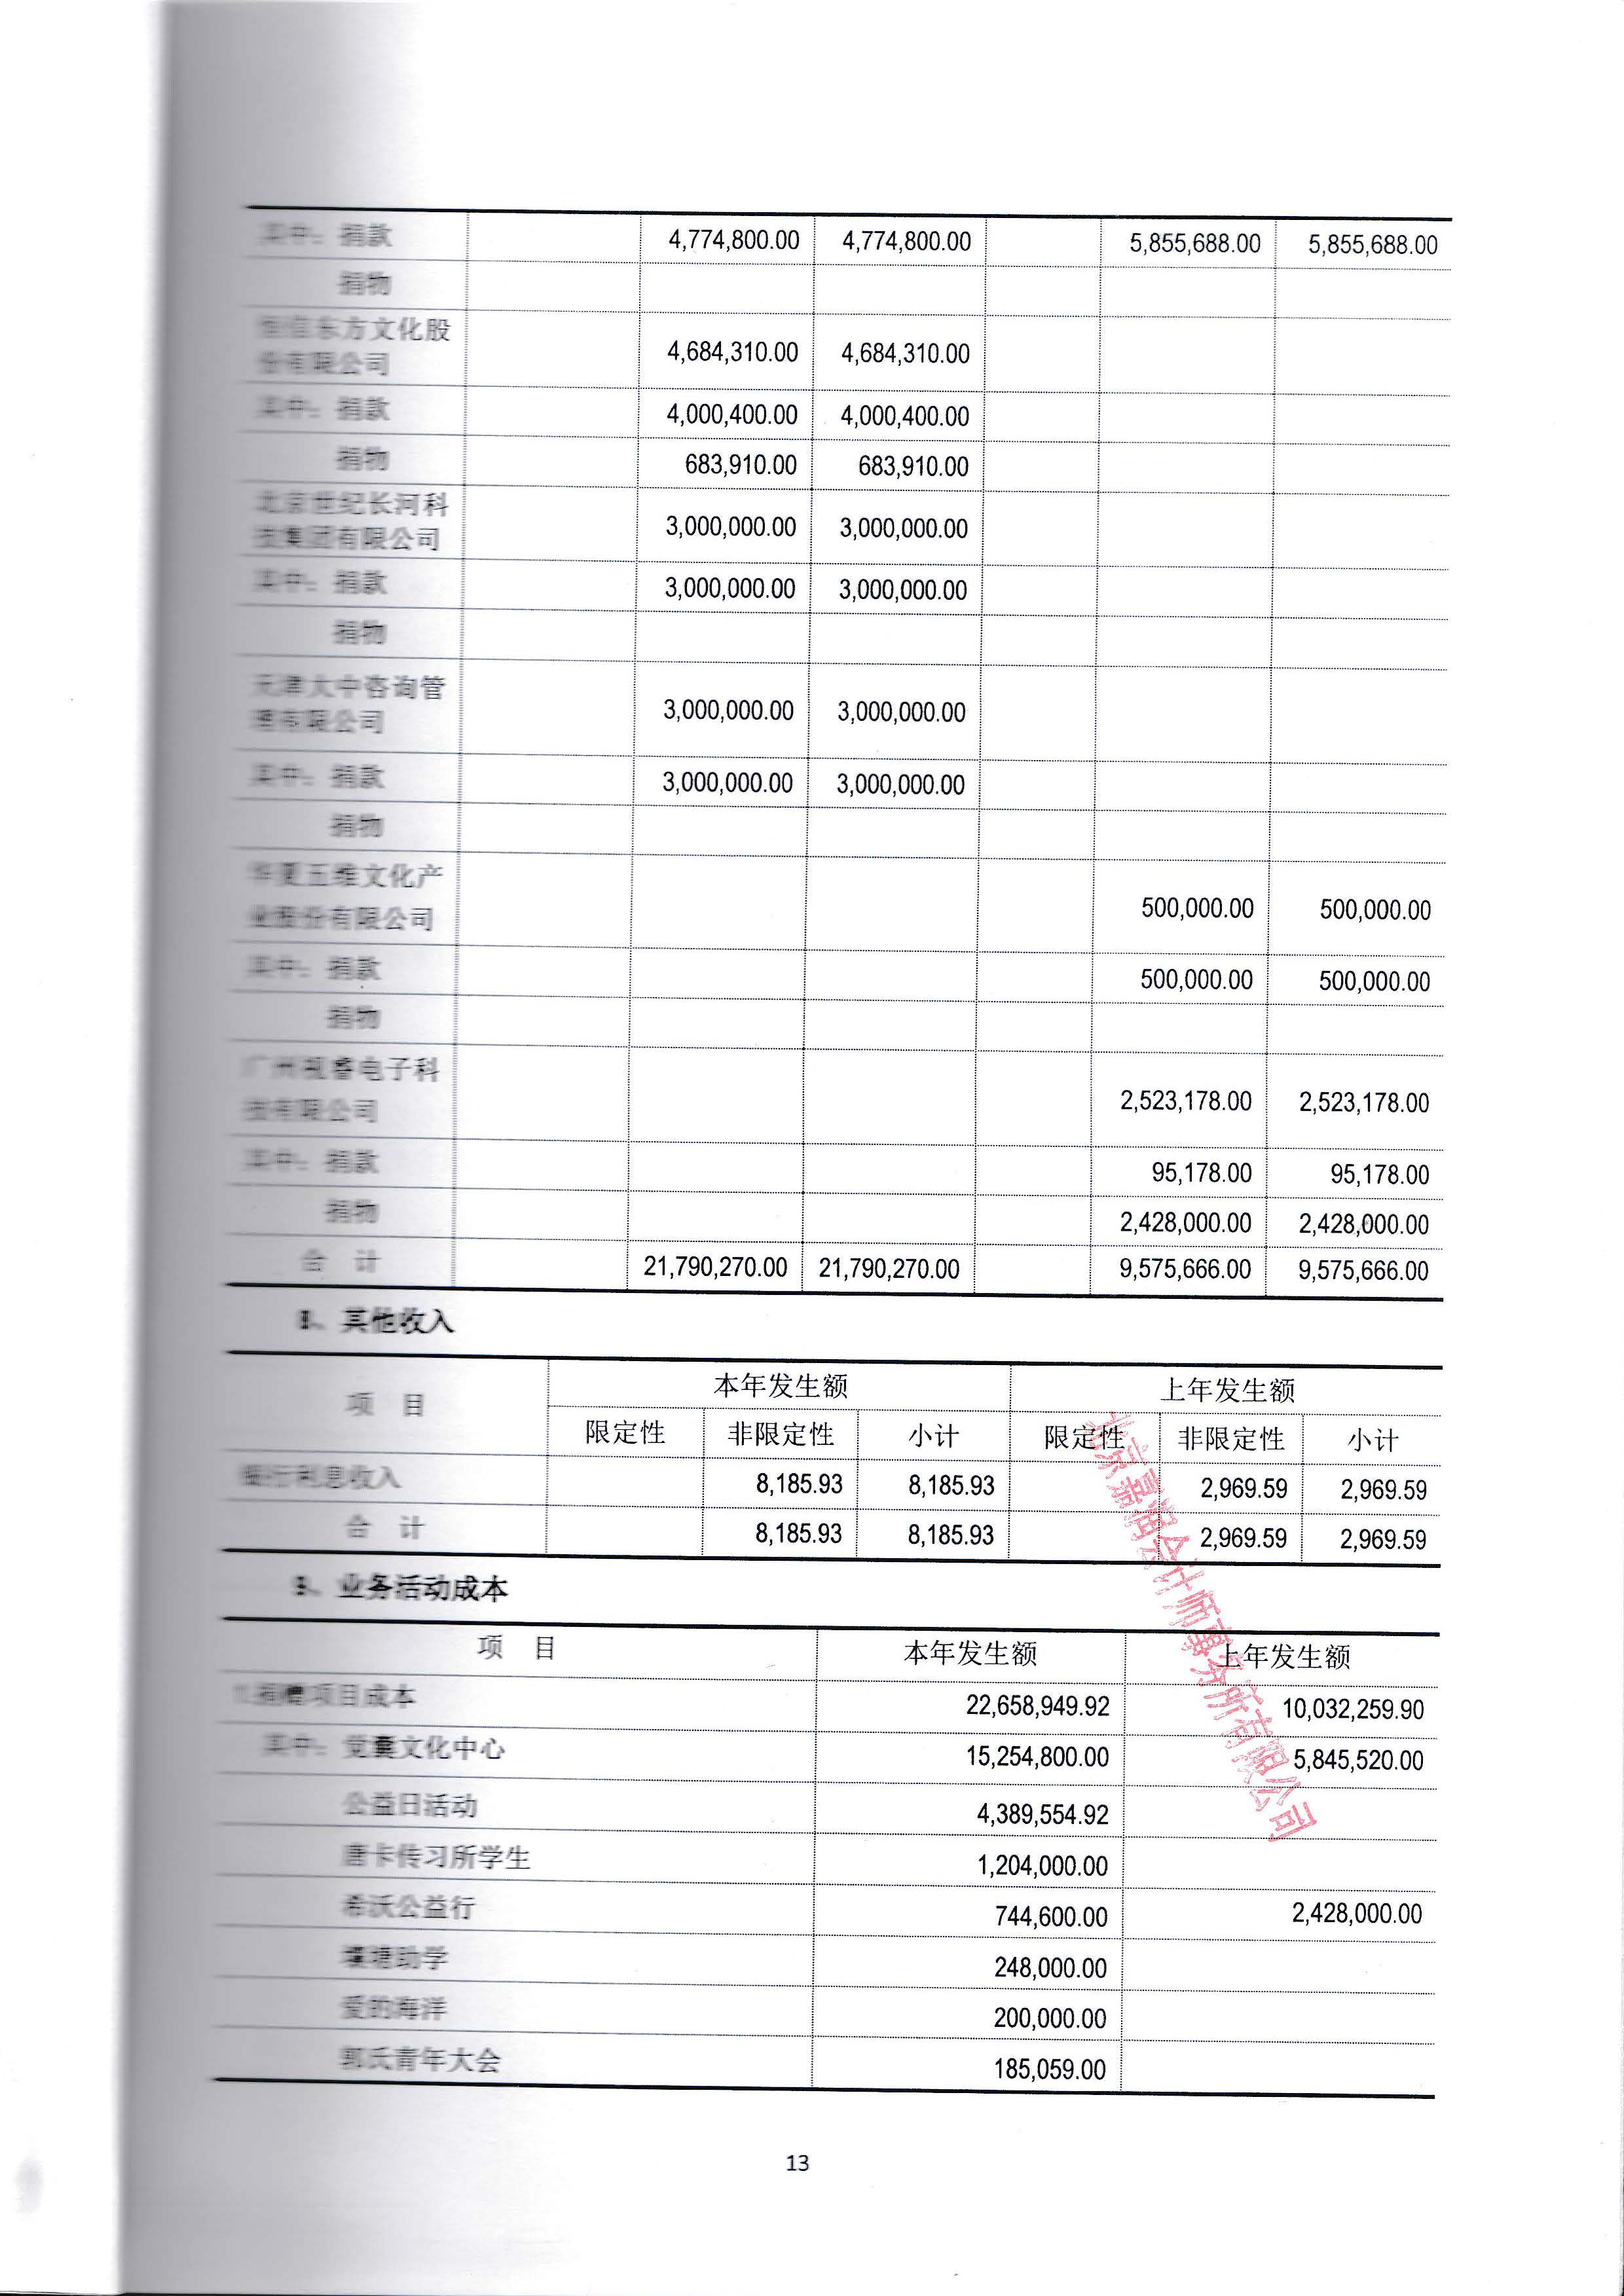 6具有资质的中介机构鉴证的上一年度财务报表和审计报告_页面_16